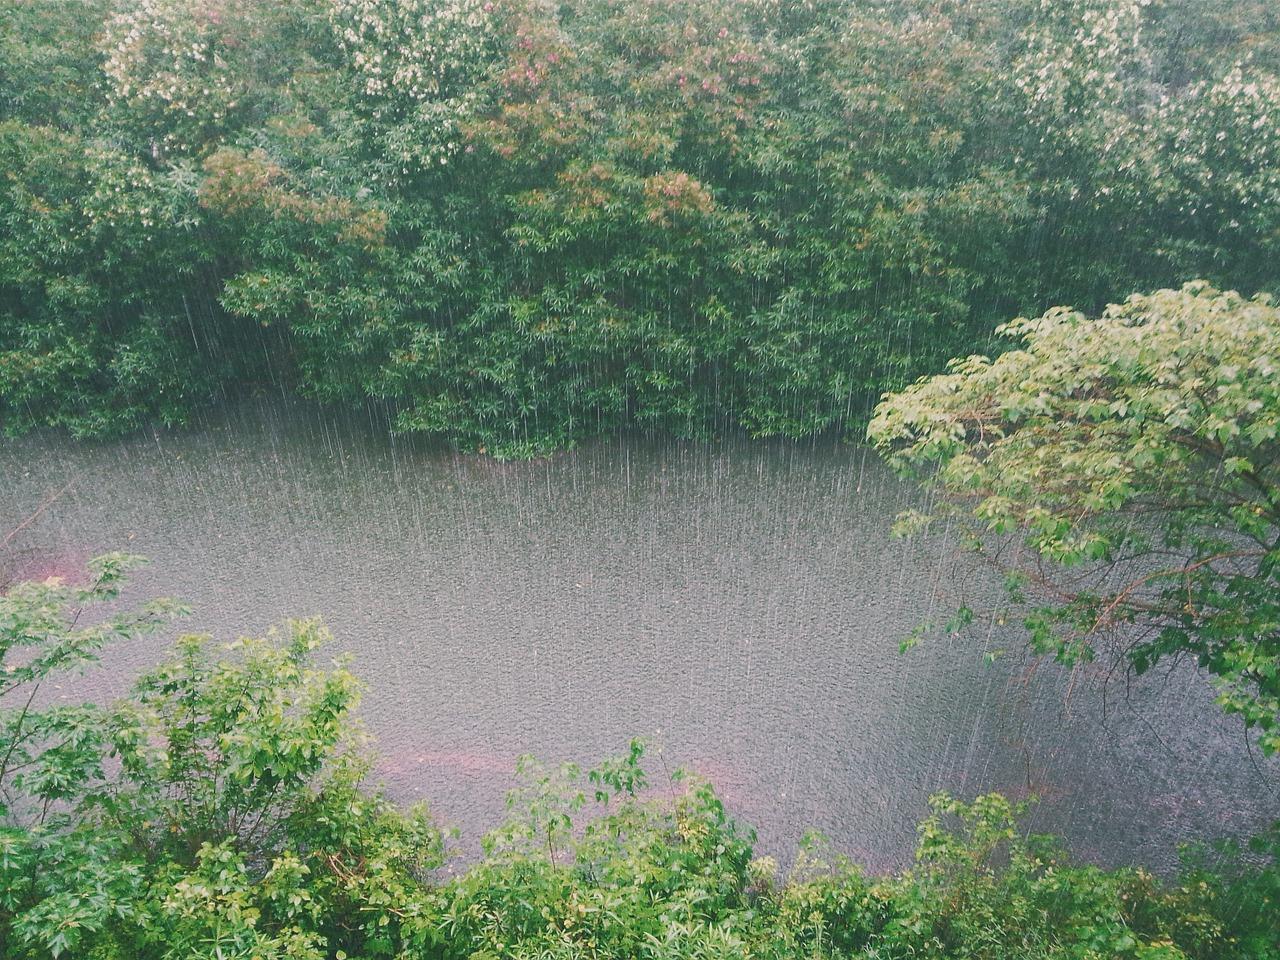 6027169-Rainy_season_strikes-0.jpg